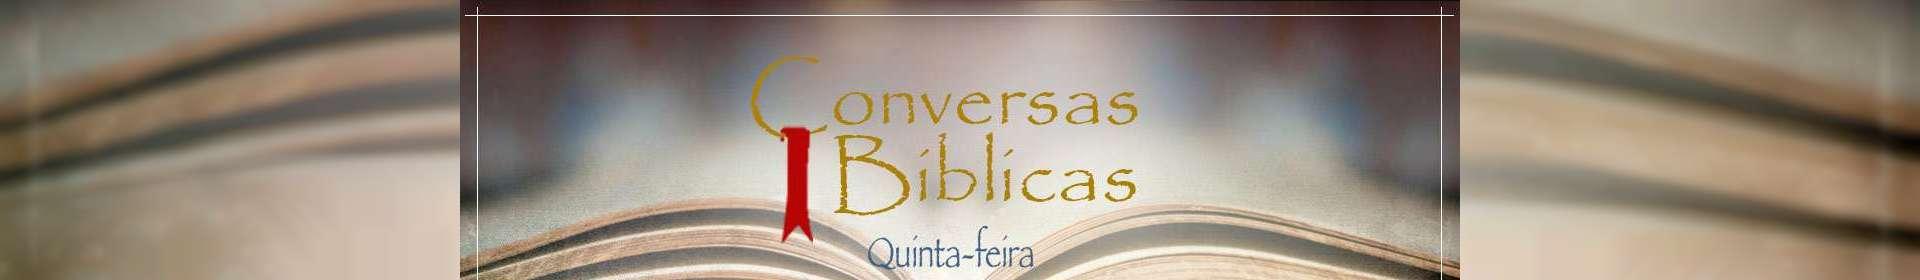 Conversas Bíblicas - O culto - Parte 3